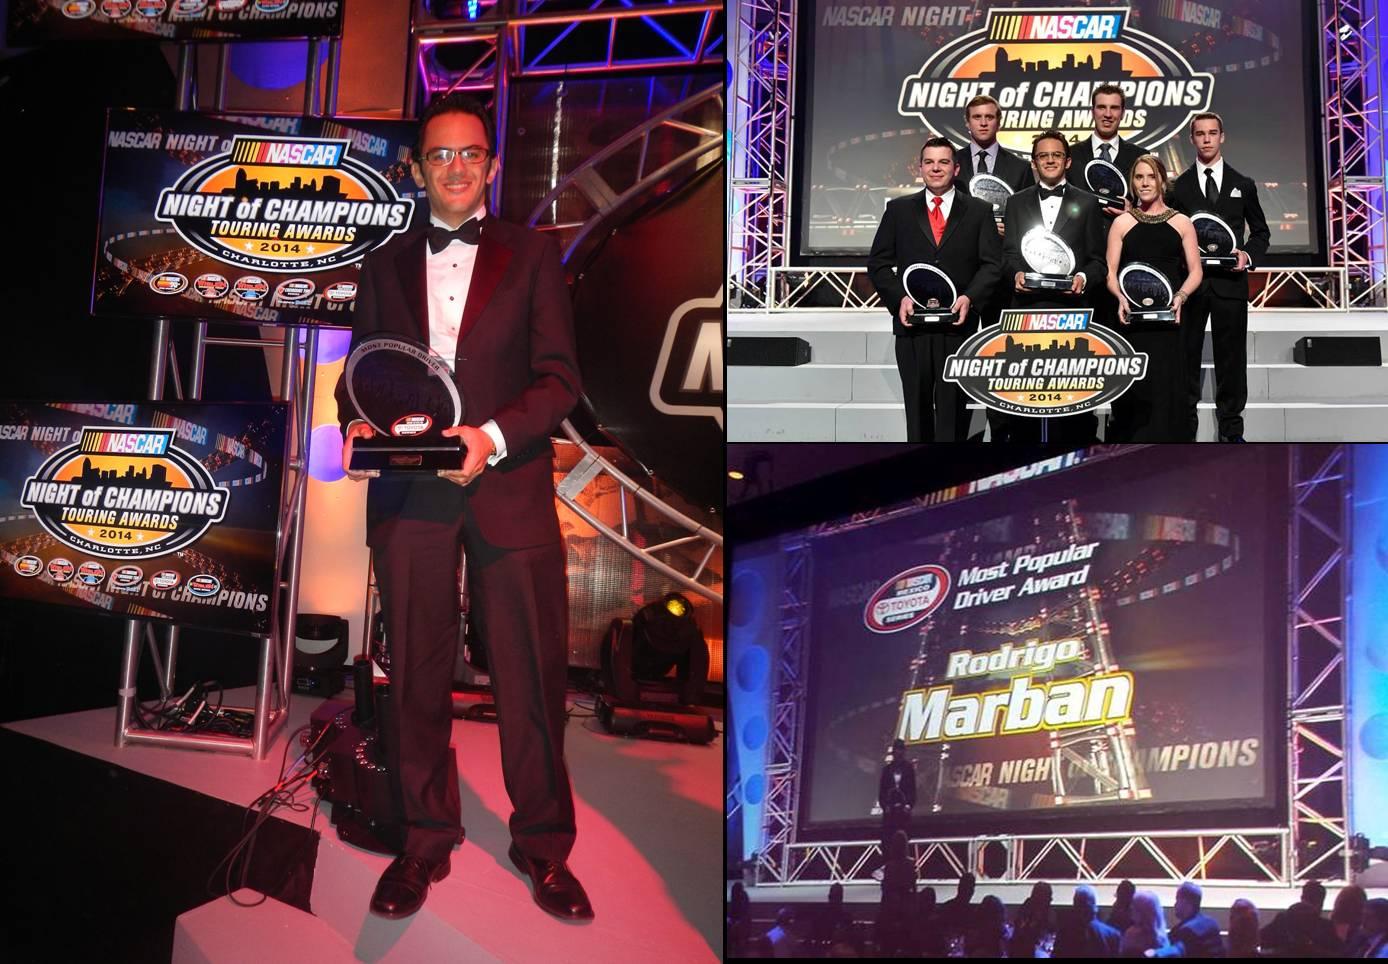 """Rodrigo Marbán es galardonado en la """"Noche de Campeones"""" de NASCAR en Charlotte"""